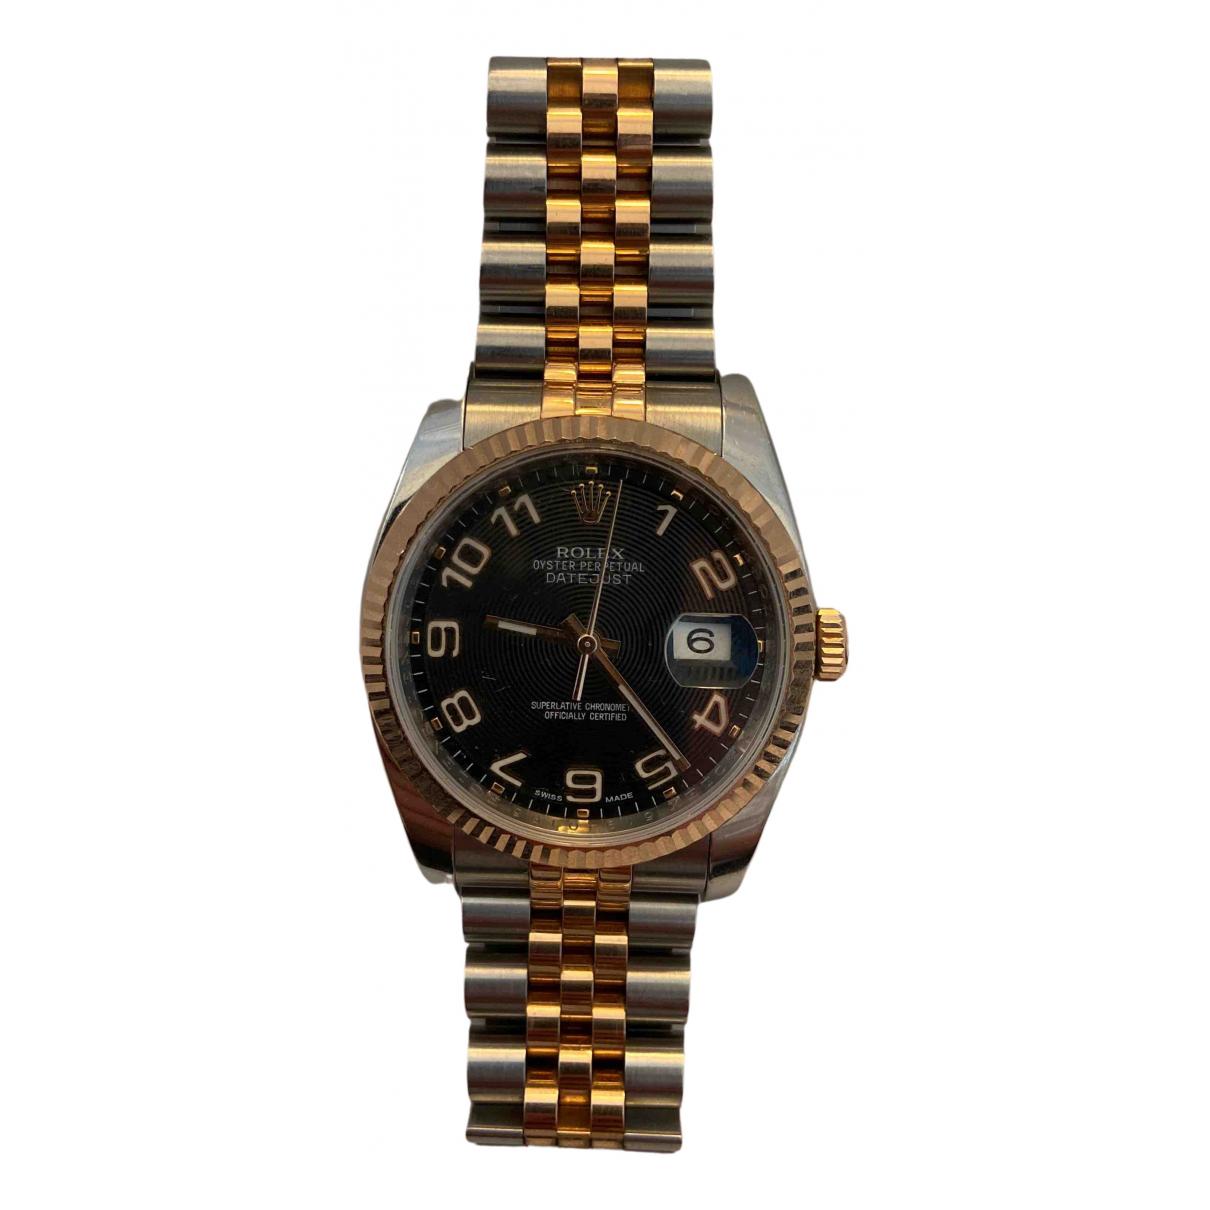 Rolex Datejust 36mm Uhr in  Schwarz Gold und Stahl